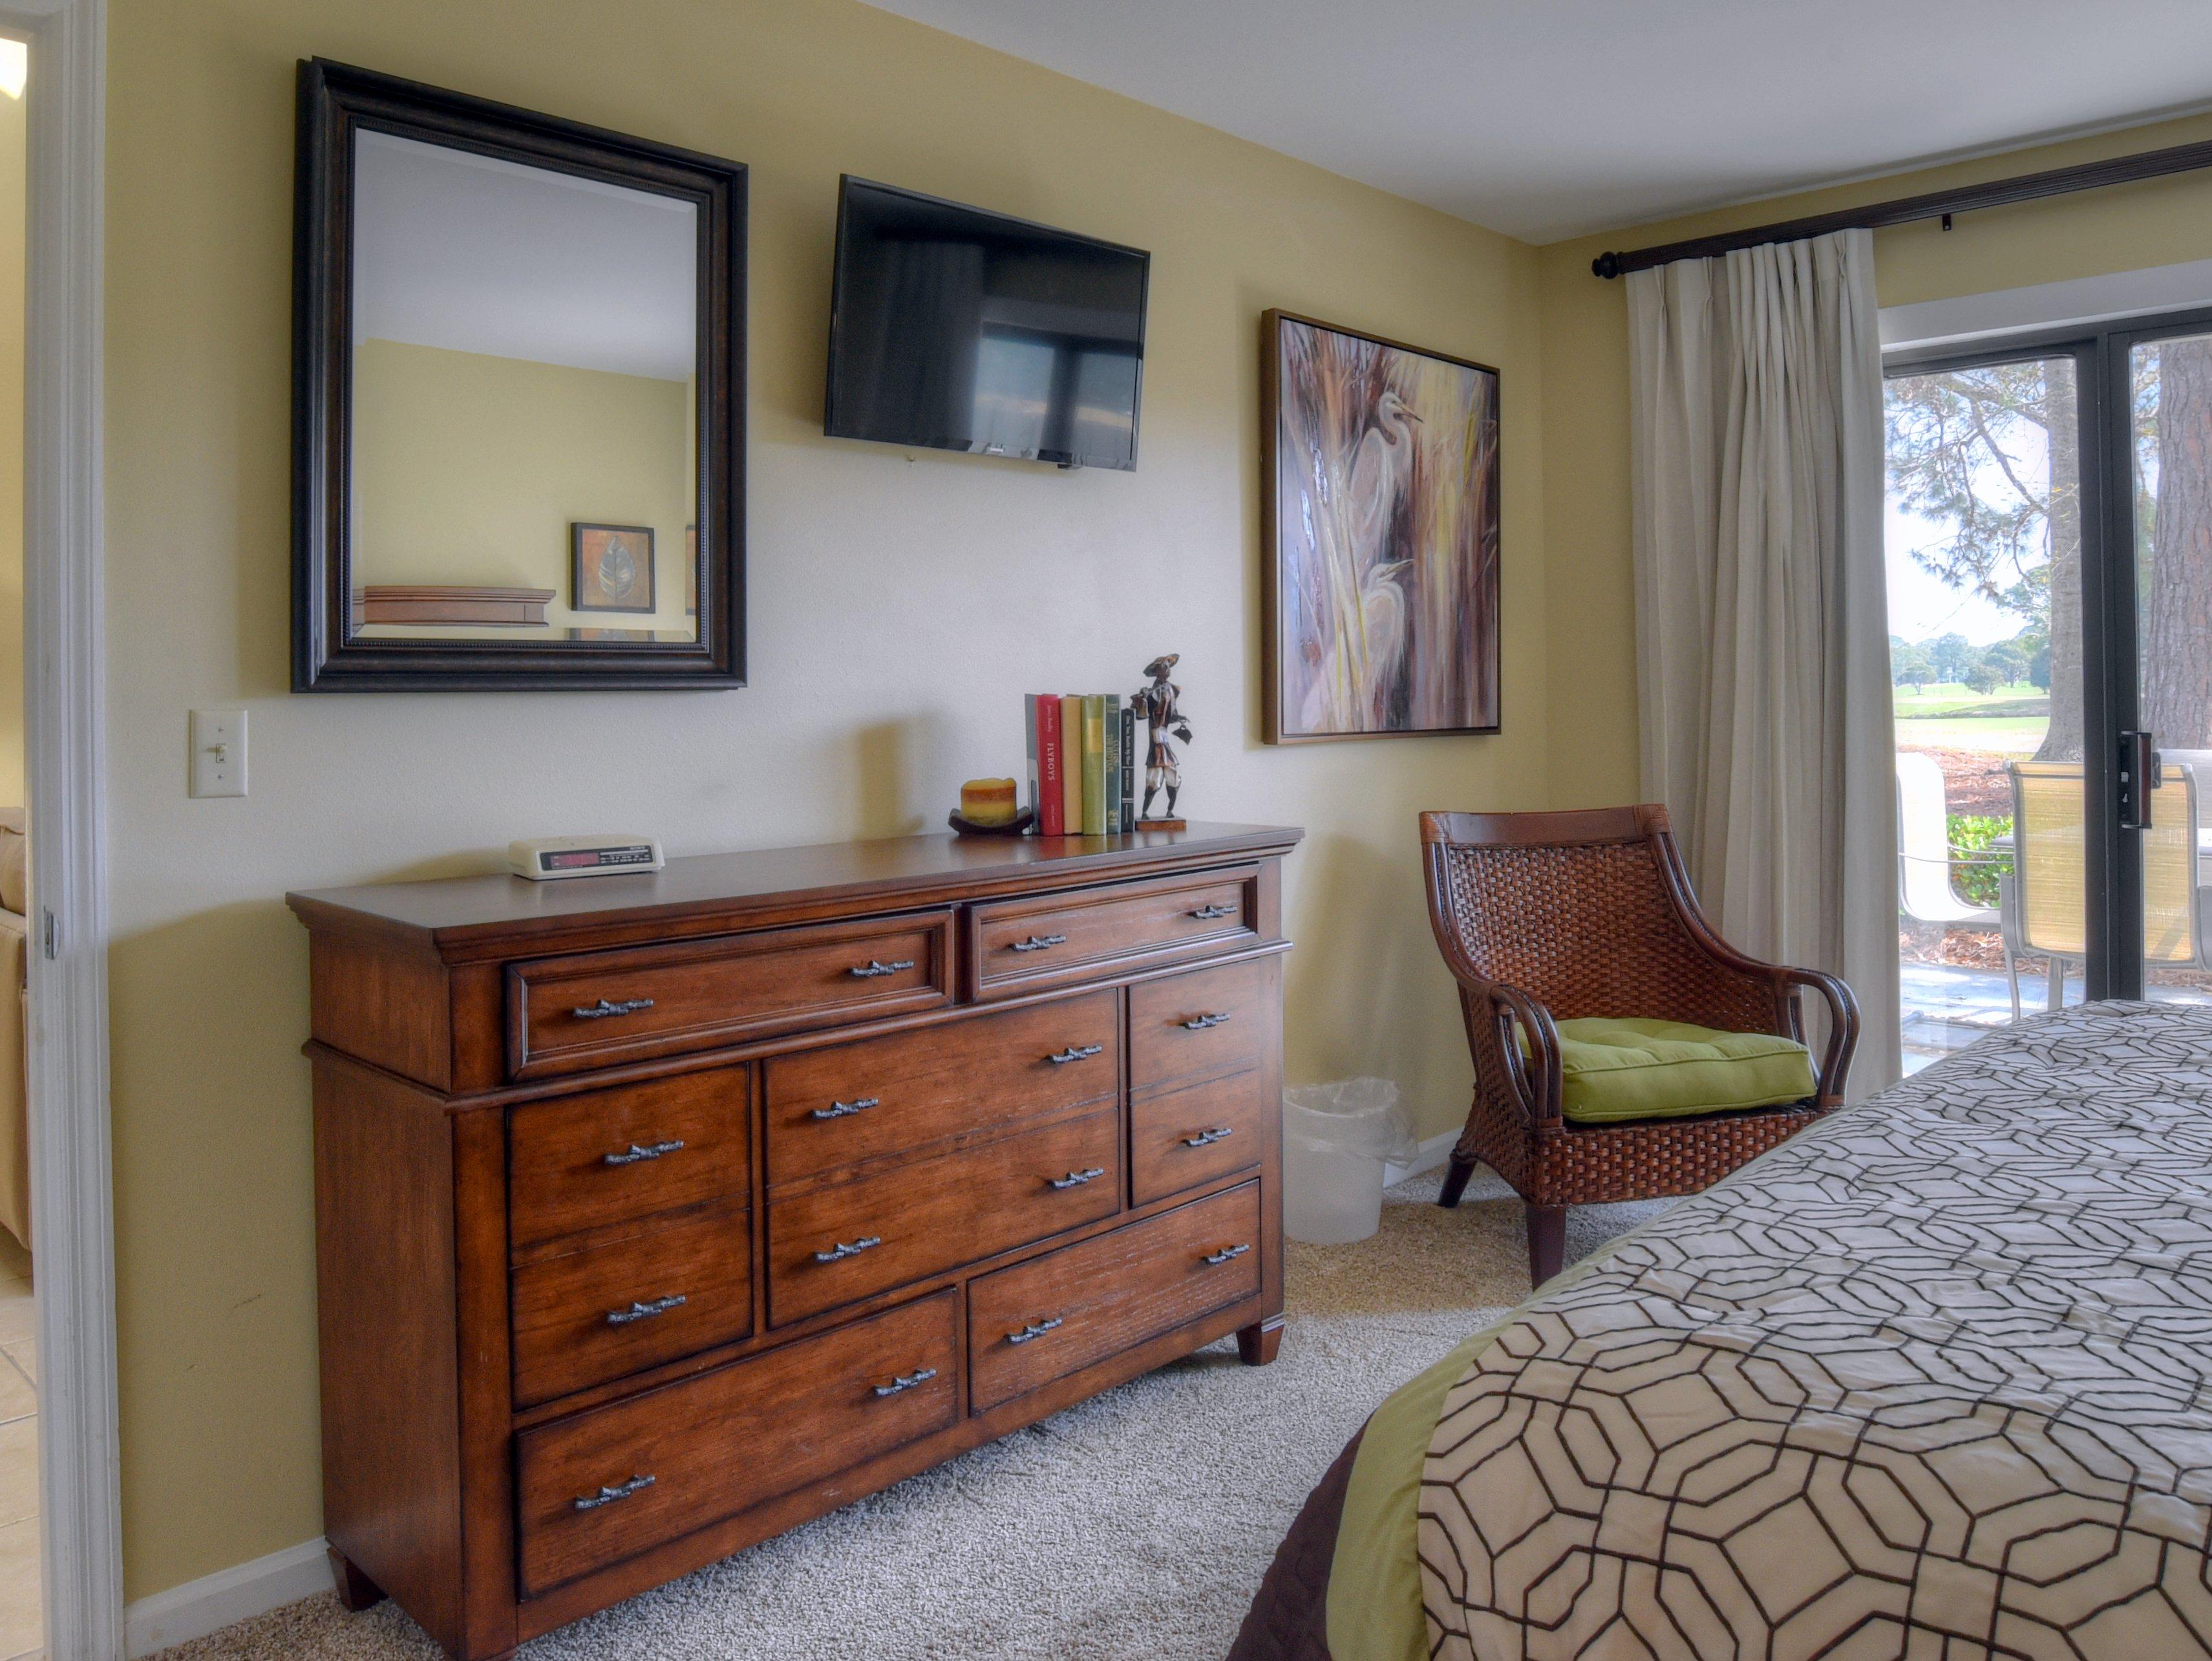 285 Fairways Condo rental in Sandestin Rentals ~ Cottages and Villas  in Destin Florida - #15